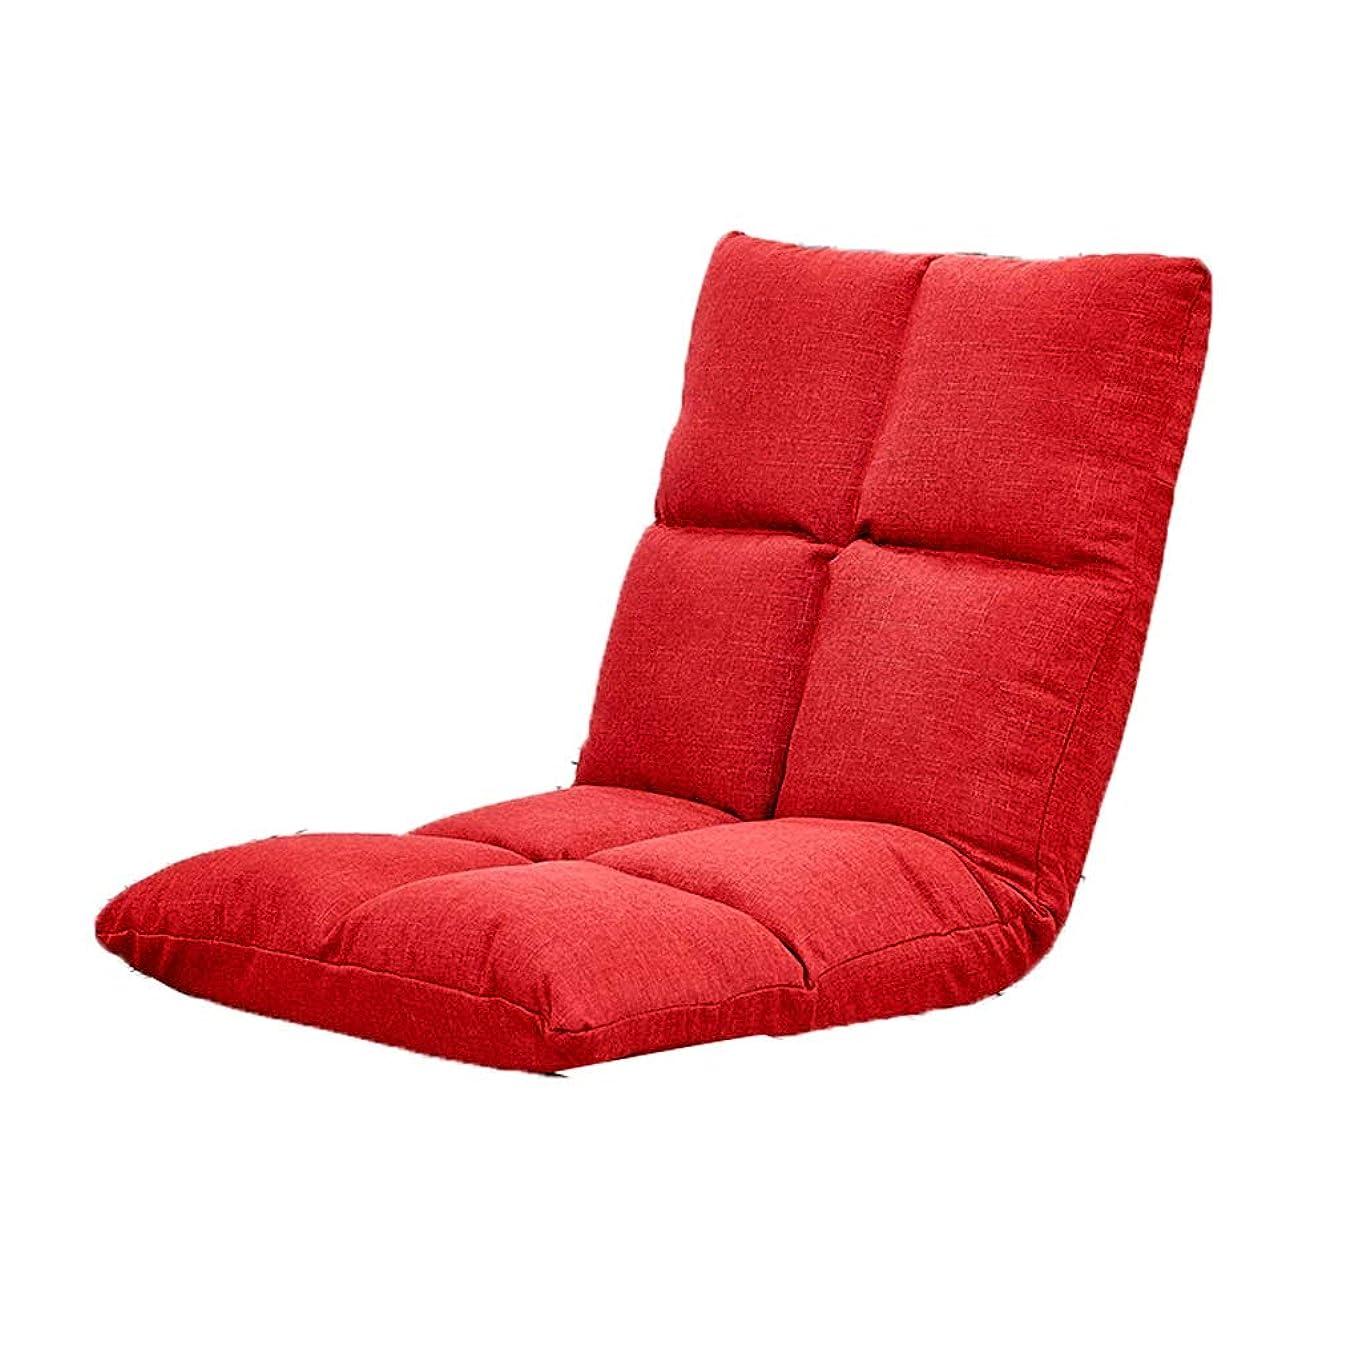 不信コンパニオン押すFH フロアチェア、怠惰なソファクッションドミトリーチェア折りたたみ式6速調整、レクリエーション/瞑想/読書新聞、マルチカラー選択に使用可能 (Color : Red)